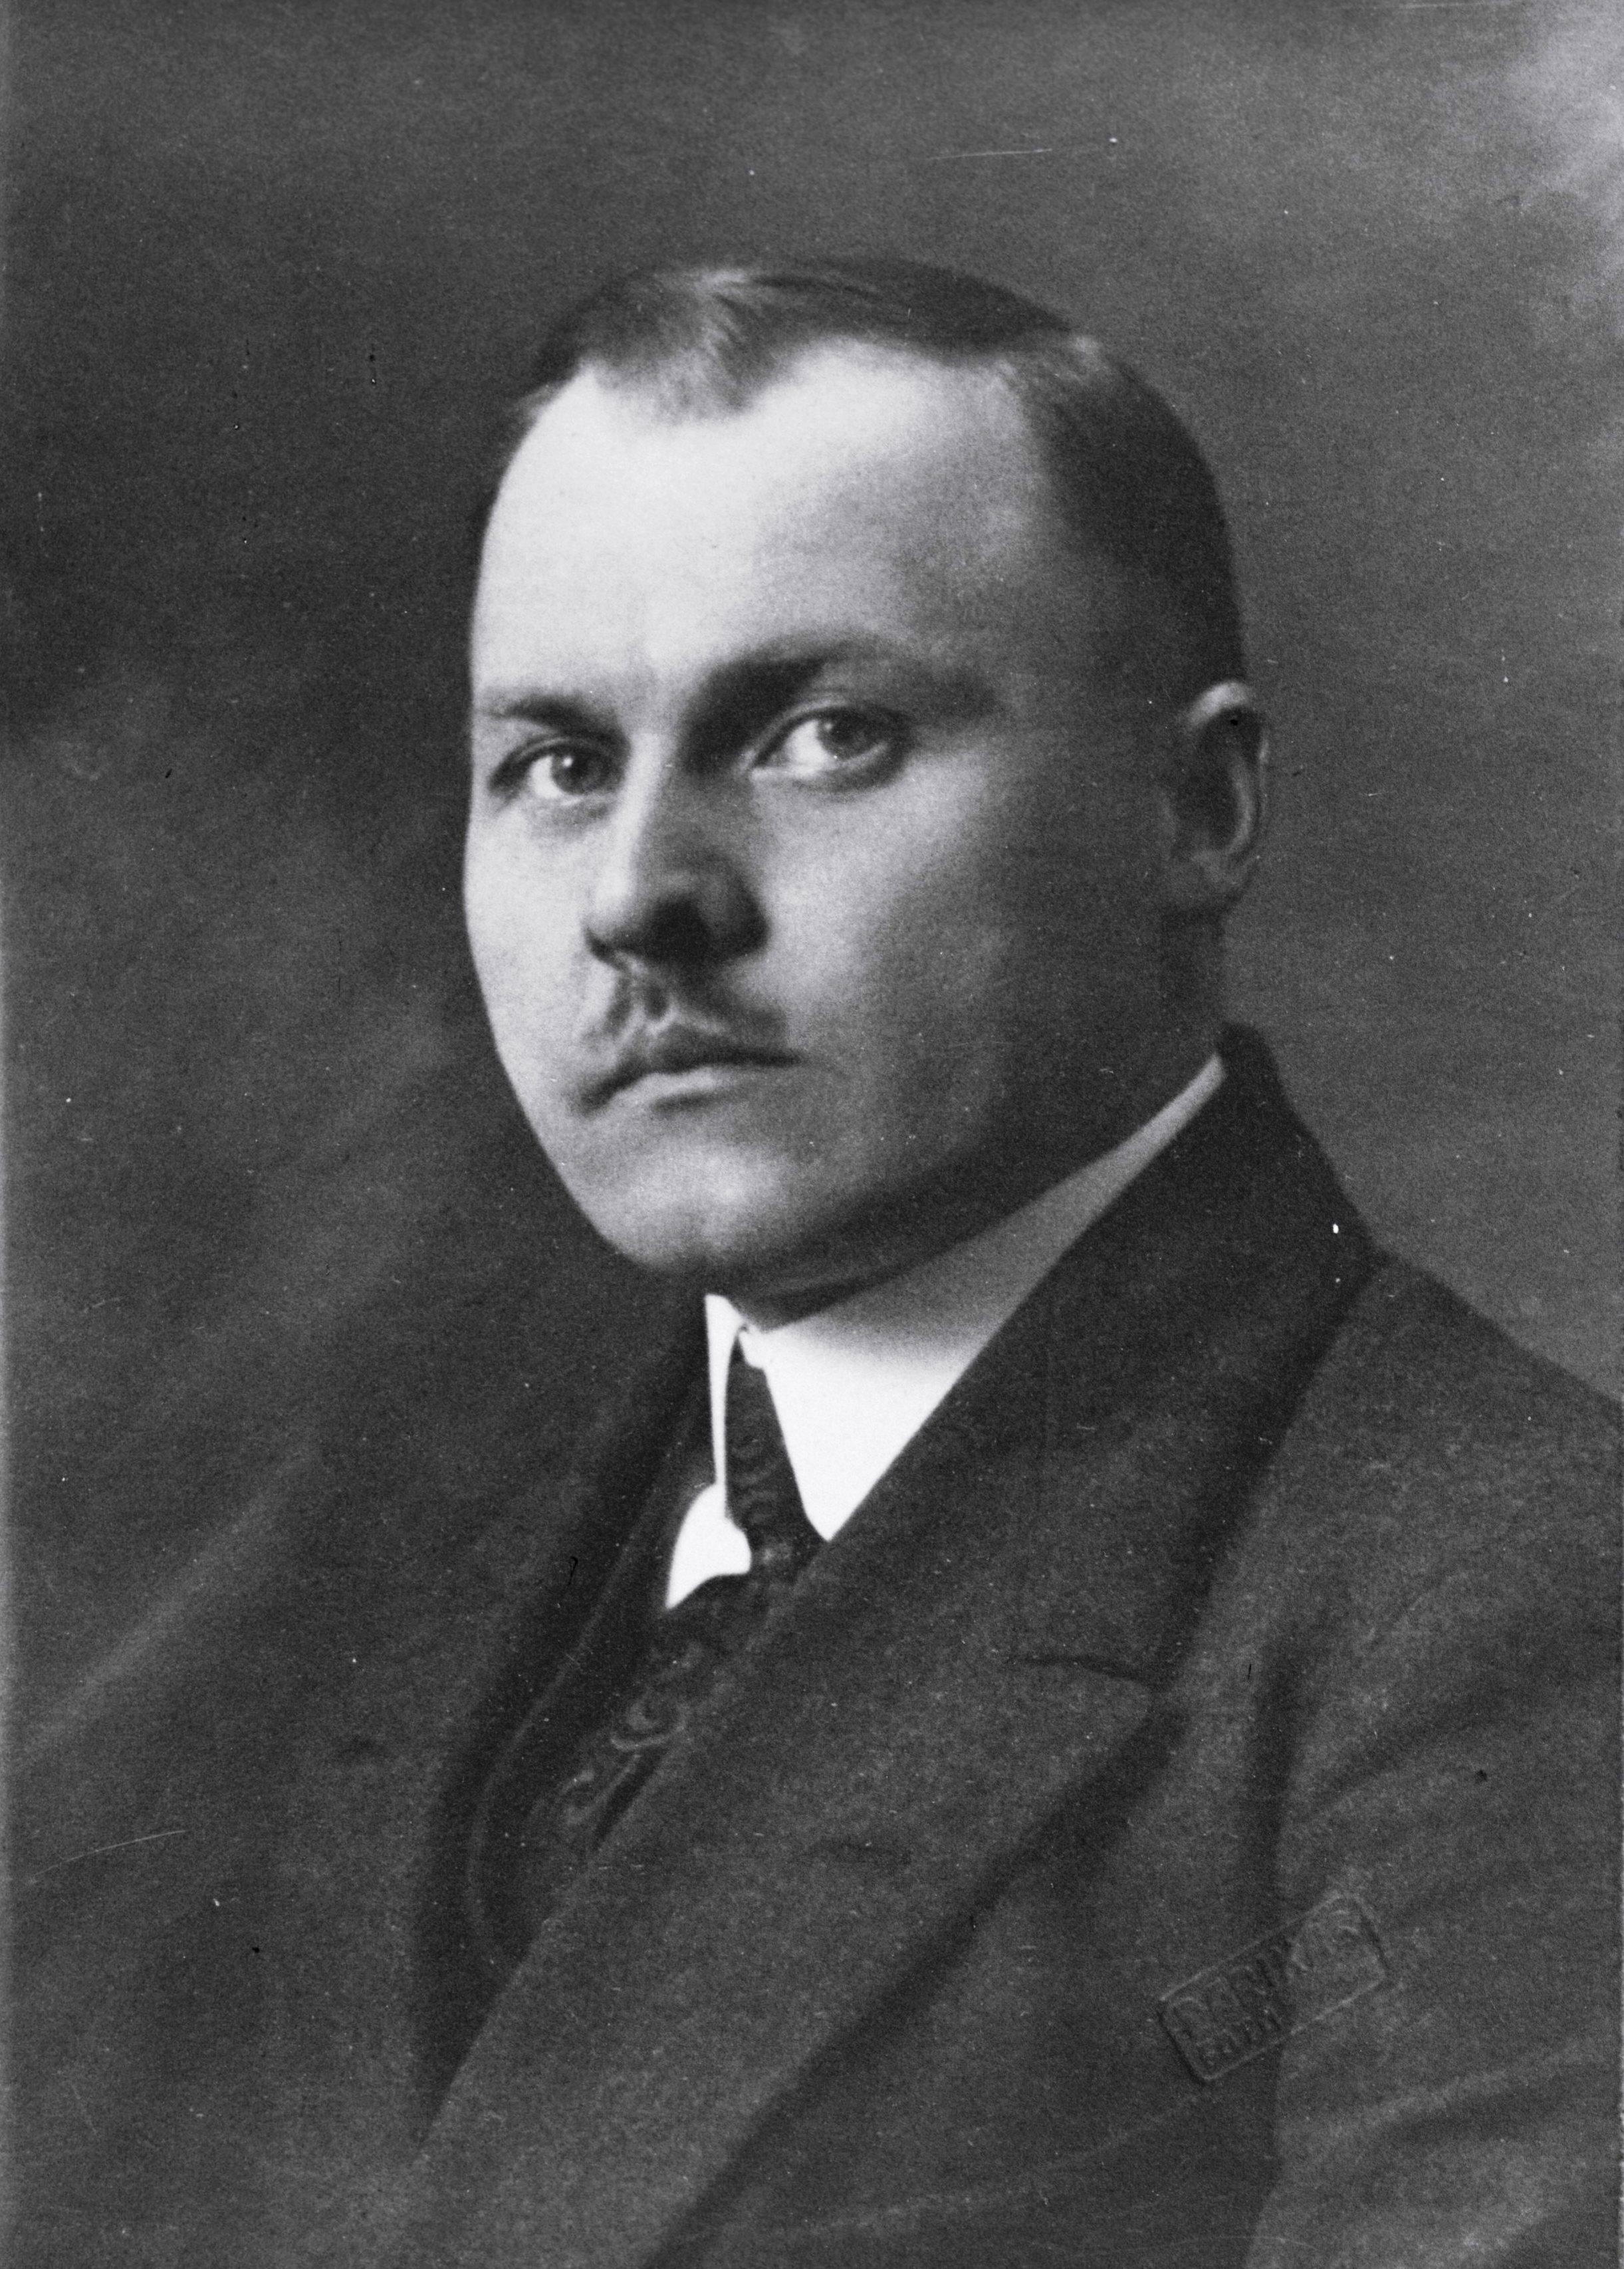 Karl Johannes Terras